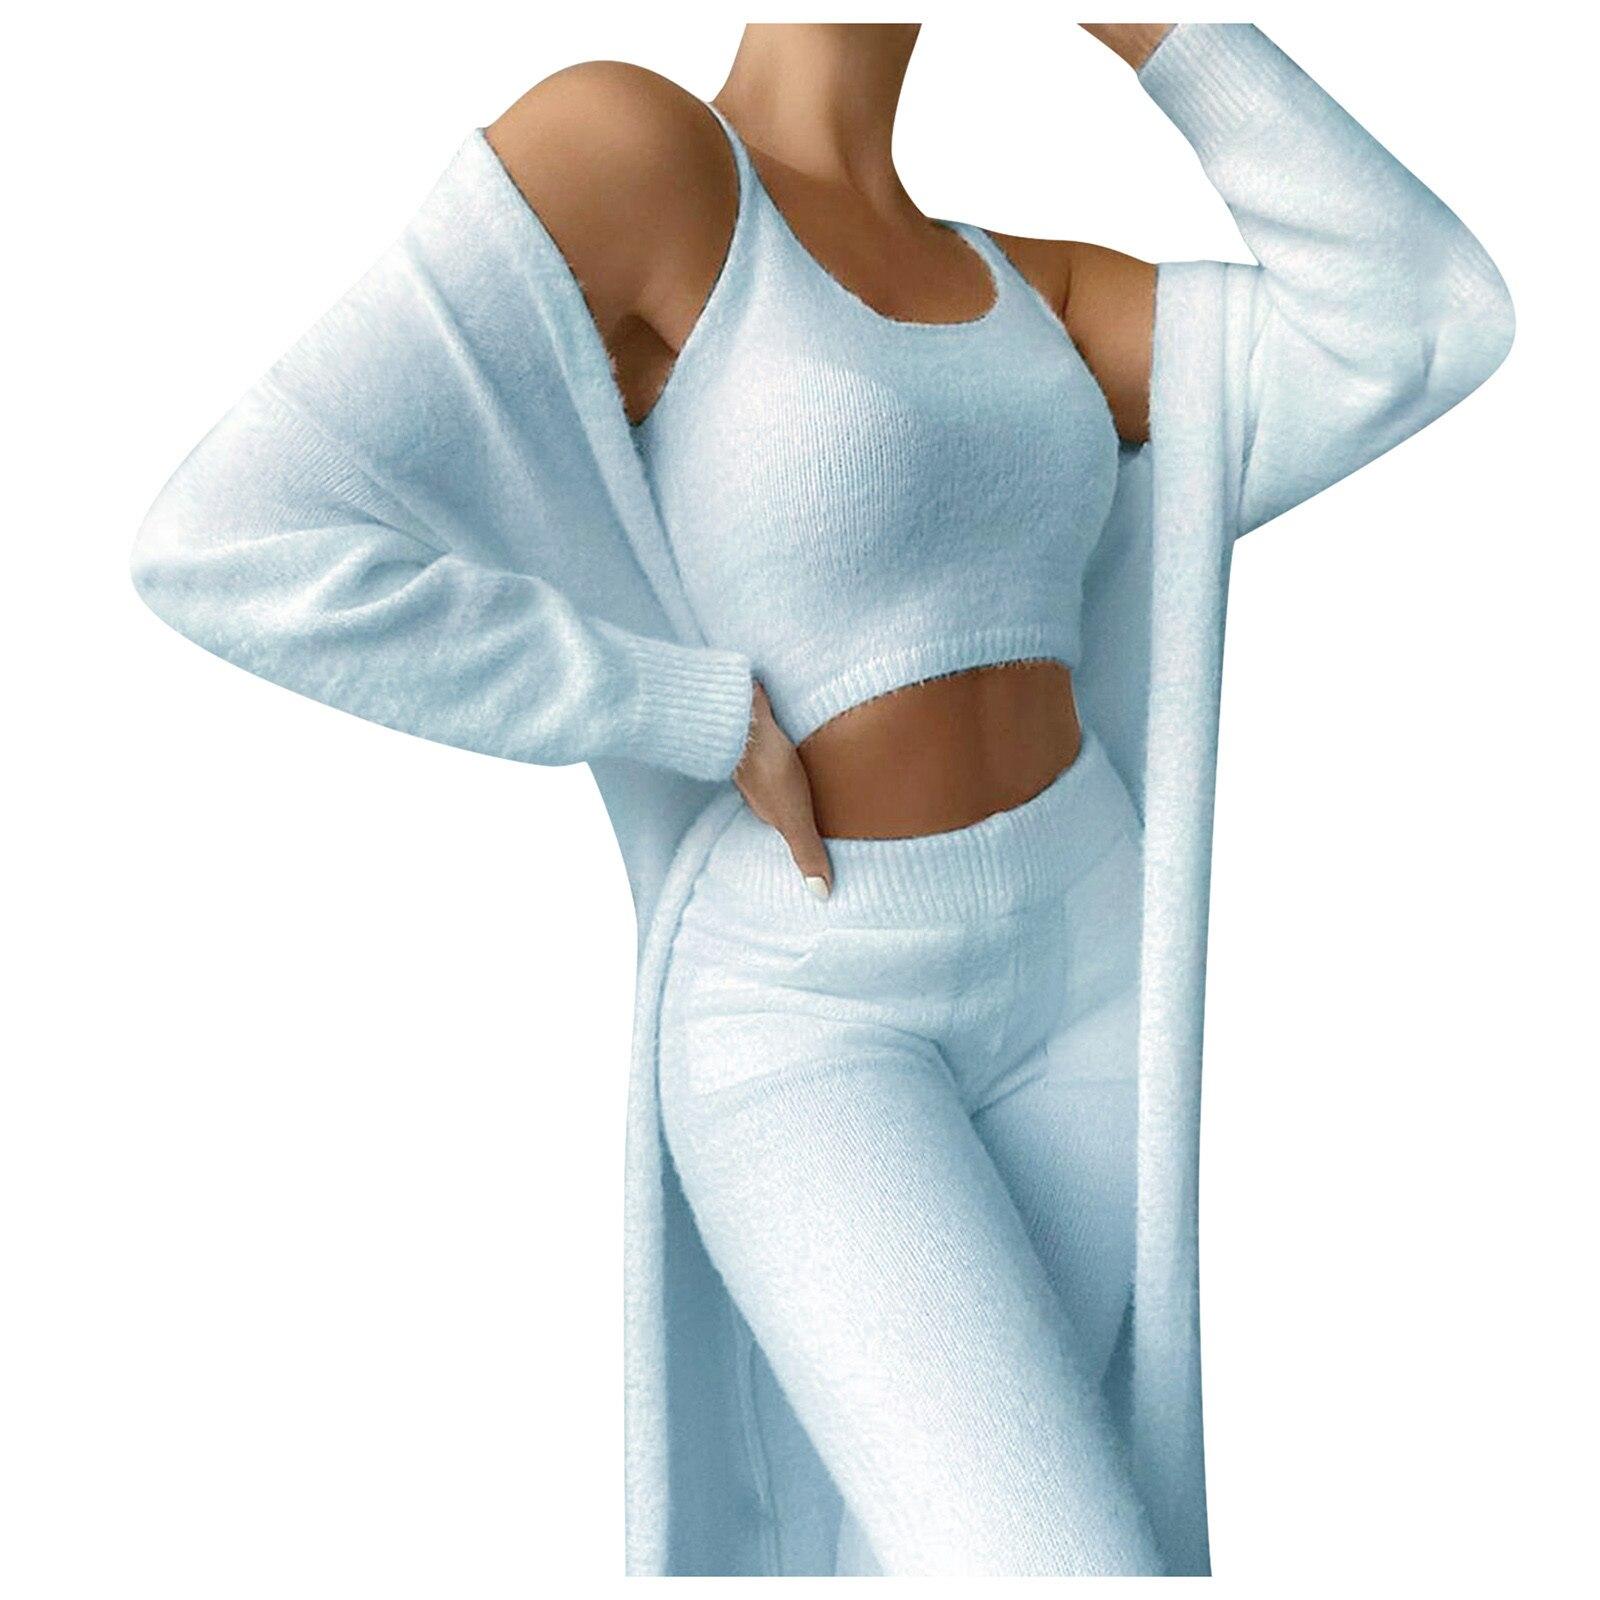 Inverno feminino de pelúcia fatos de treino senhoras casual roupas esportivas sólido mangas compridas 3 peça conjunto feminino sexy magro ternos esportivos traje # yl10